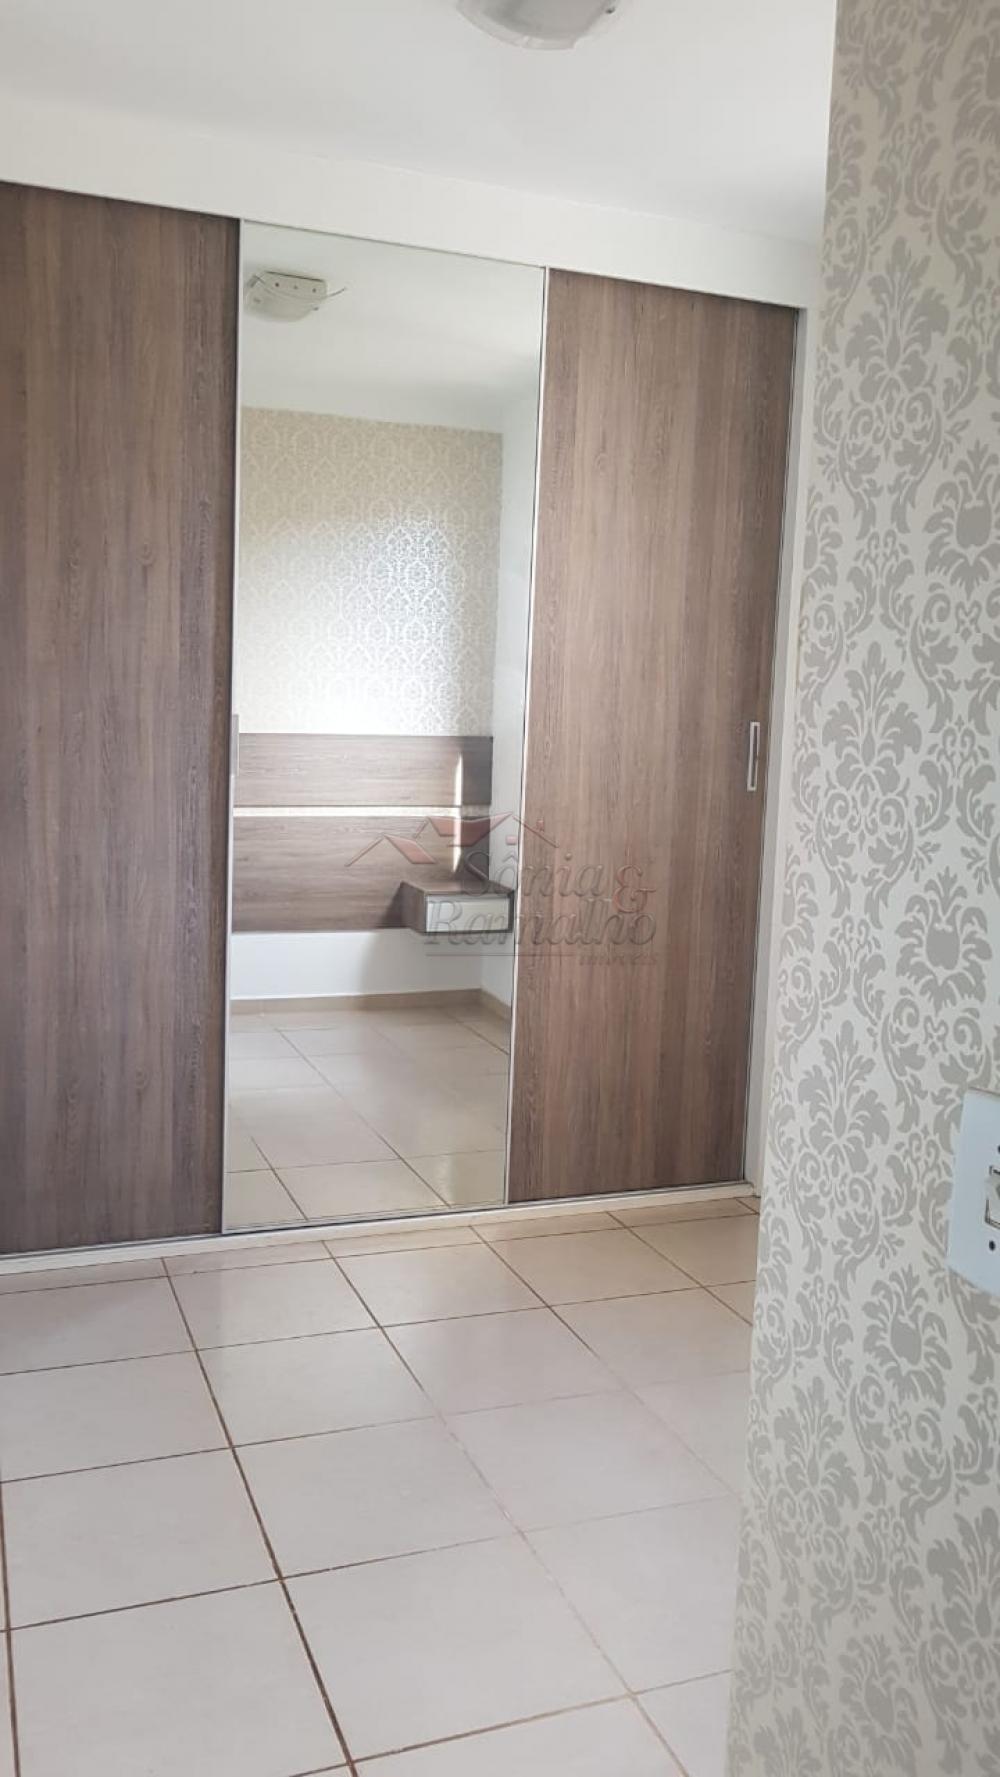 Alugar Apartamentos / Padrão em Ribeirão Preto apenas R$ 1.150,00 - Foto 10